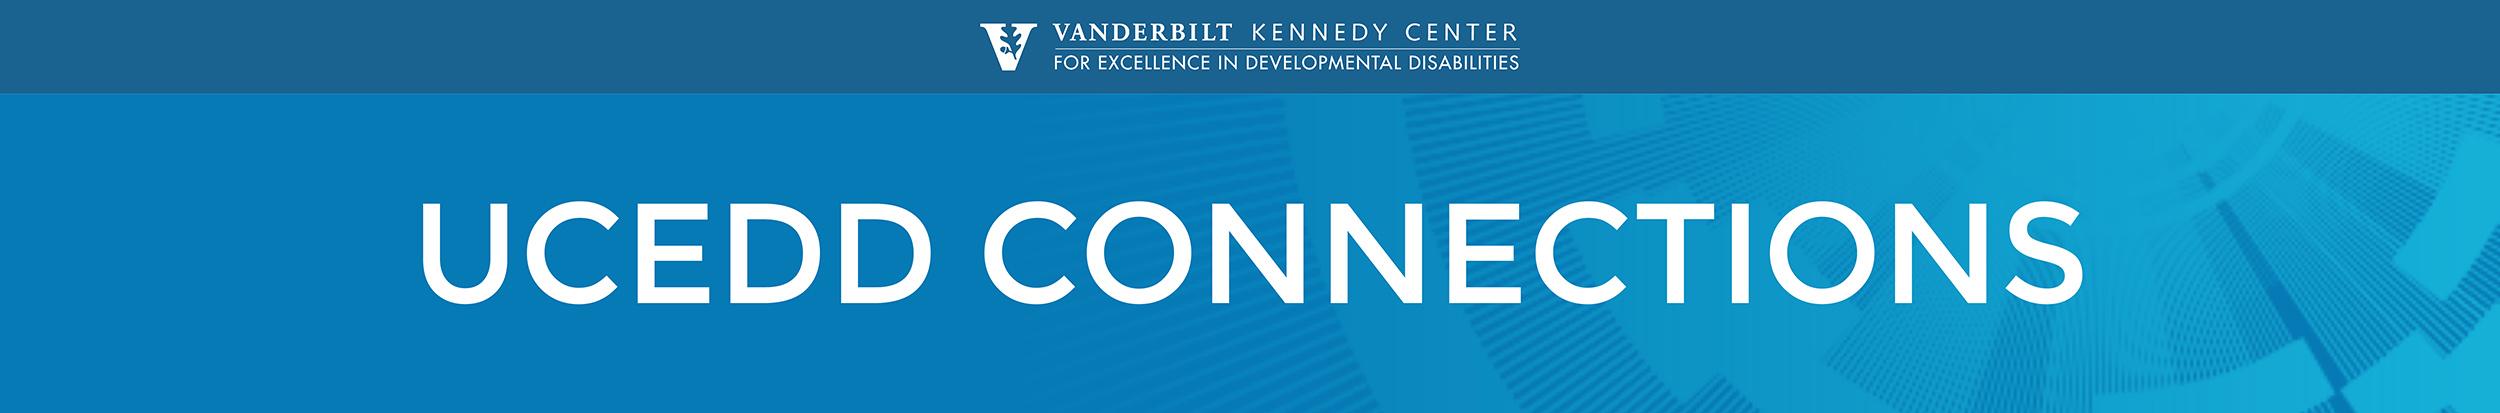 UCEDD connections blue burst banner